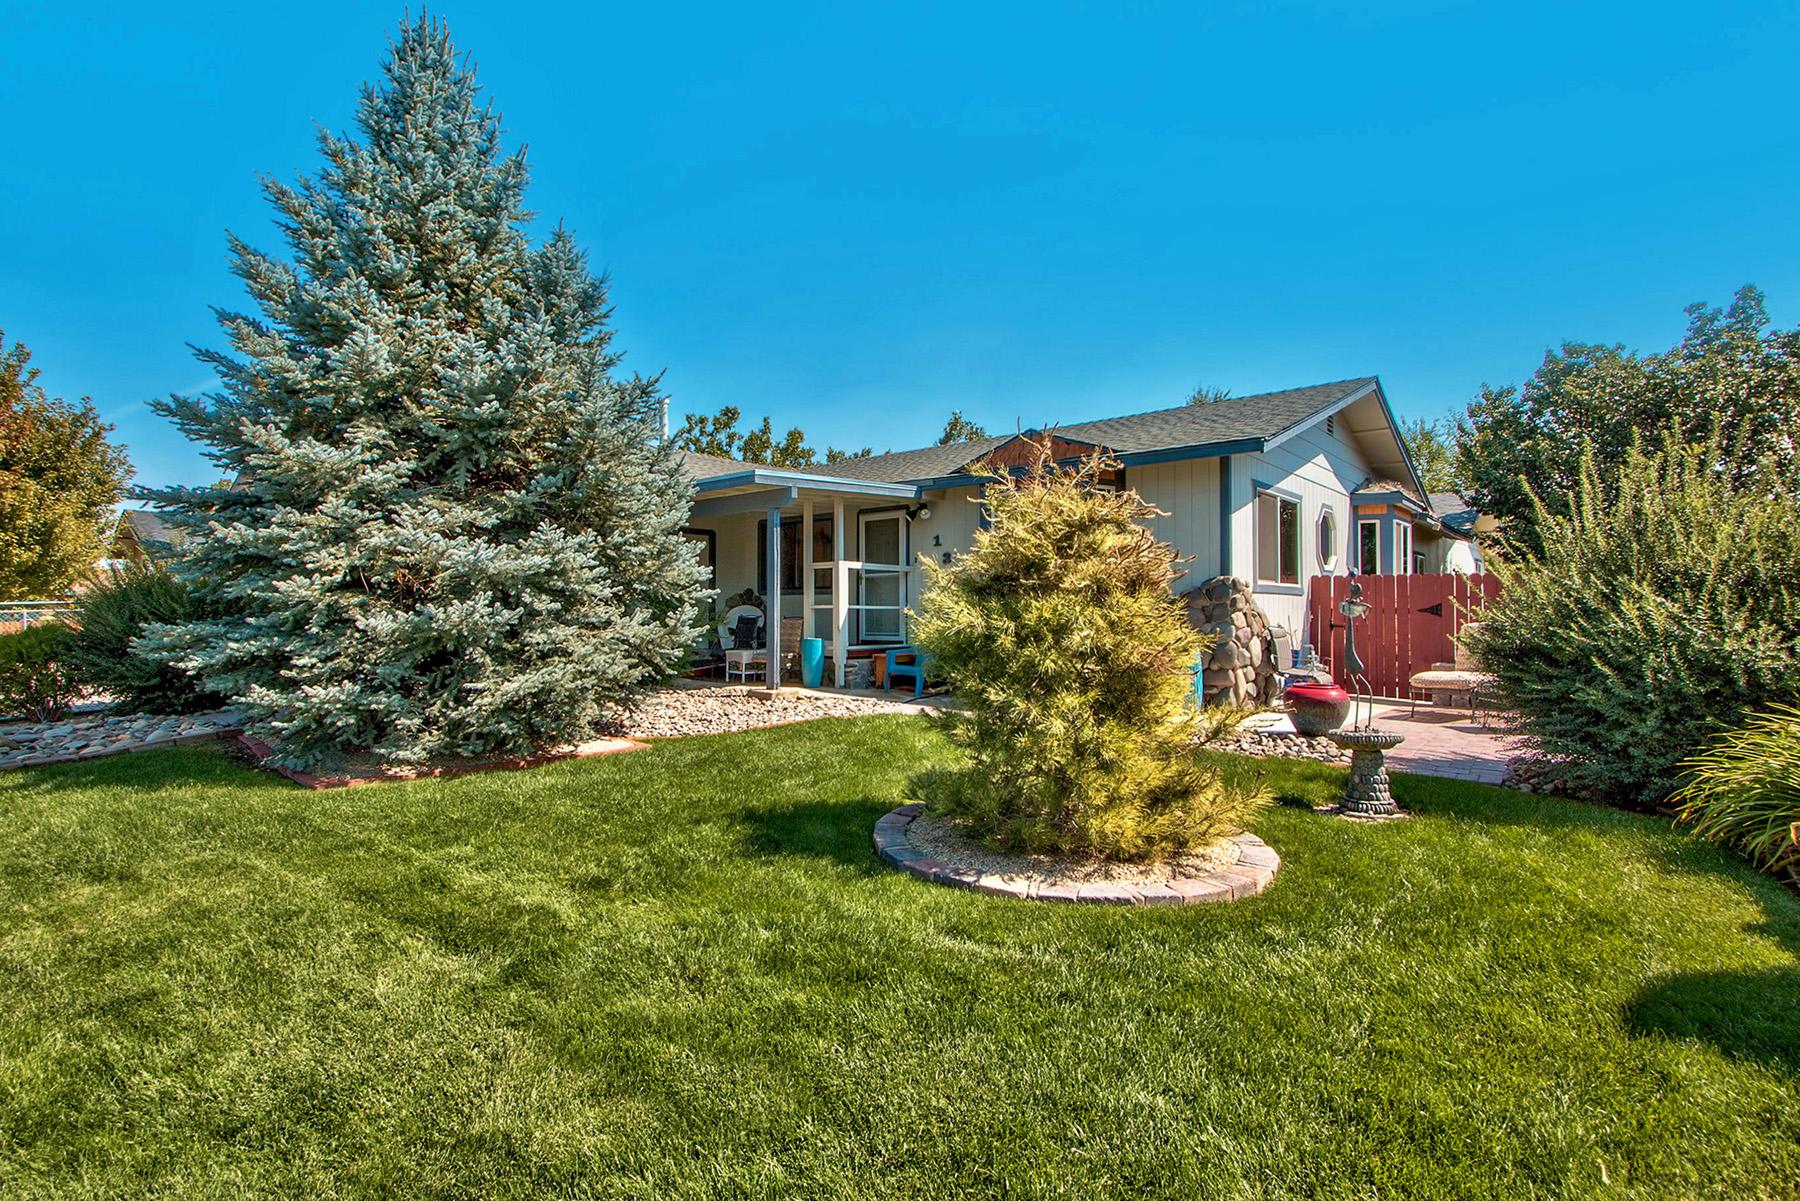 Casa para uma família para Venda às 1380 Bumblebee Lane Gardnerville, Nevada 89460 Estados Unidos